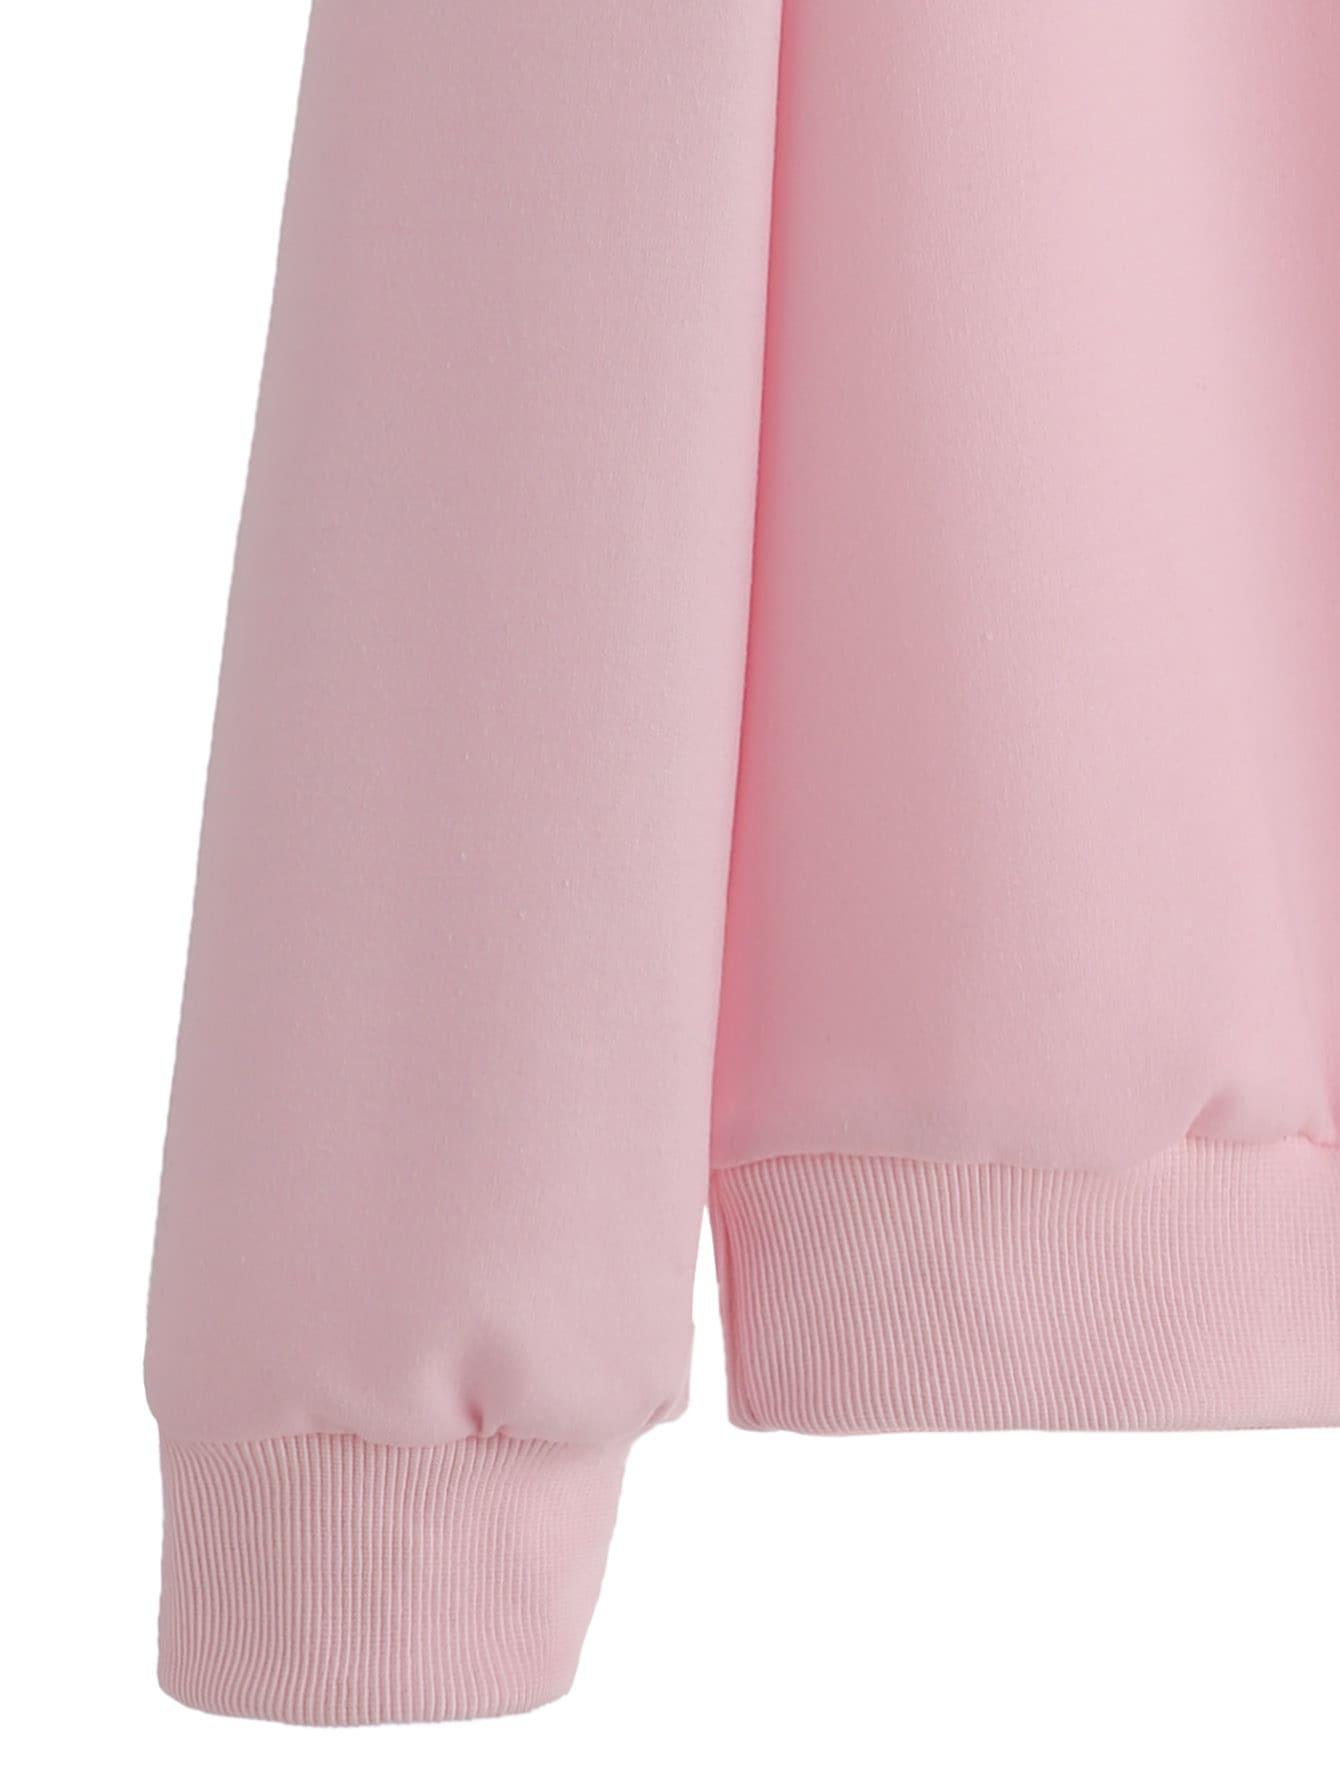 sweatshirt160908002_2